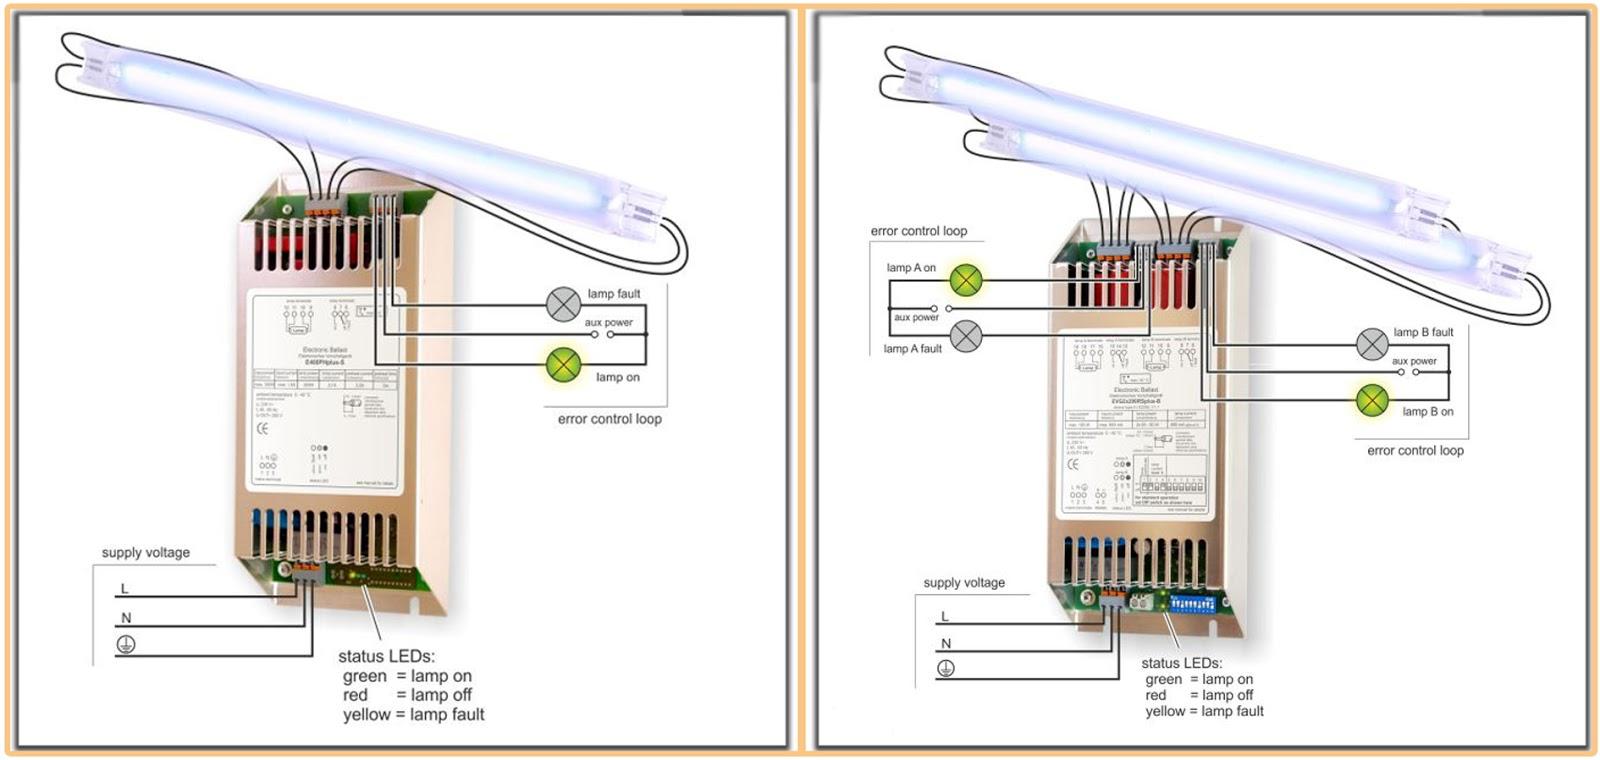 rangkaian lampu tl dengan ballast elektronik tukang listrik batam rh tukanglistrikpulaubatam blogspot com